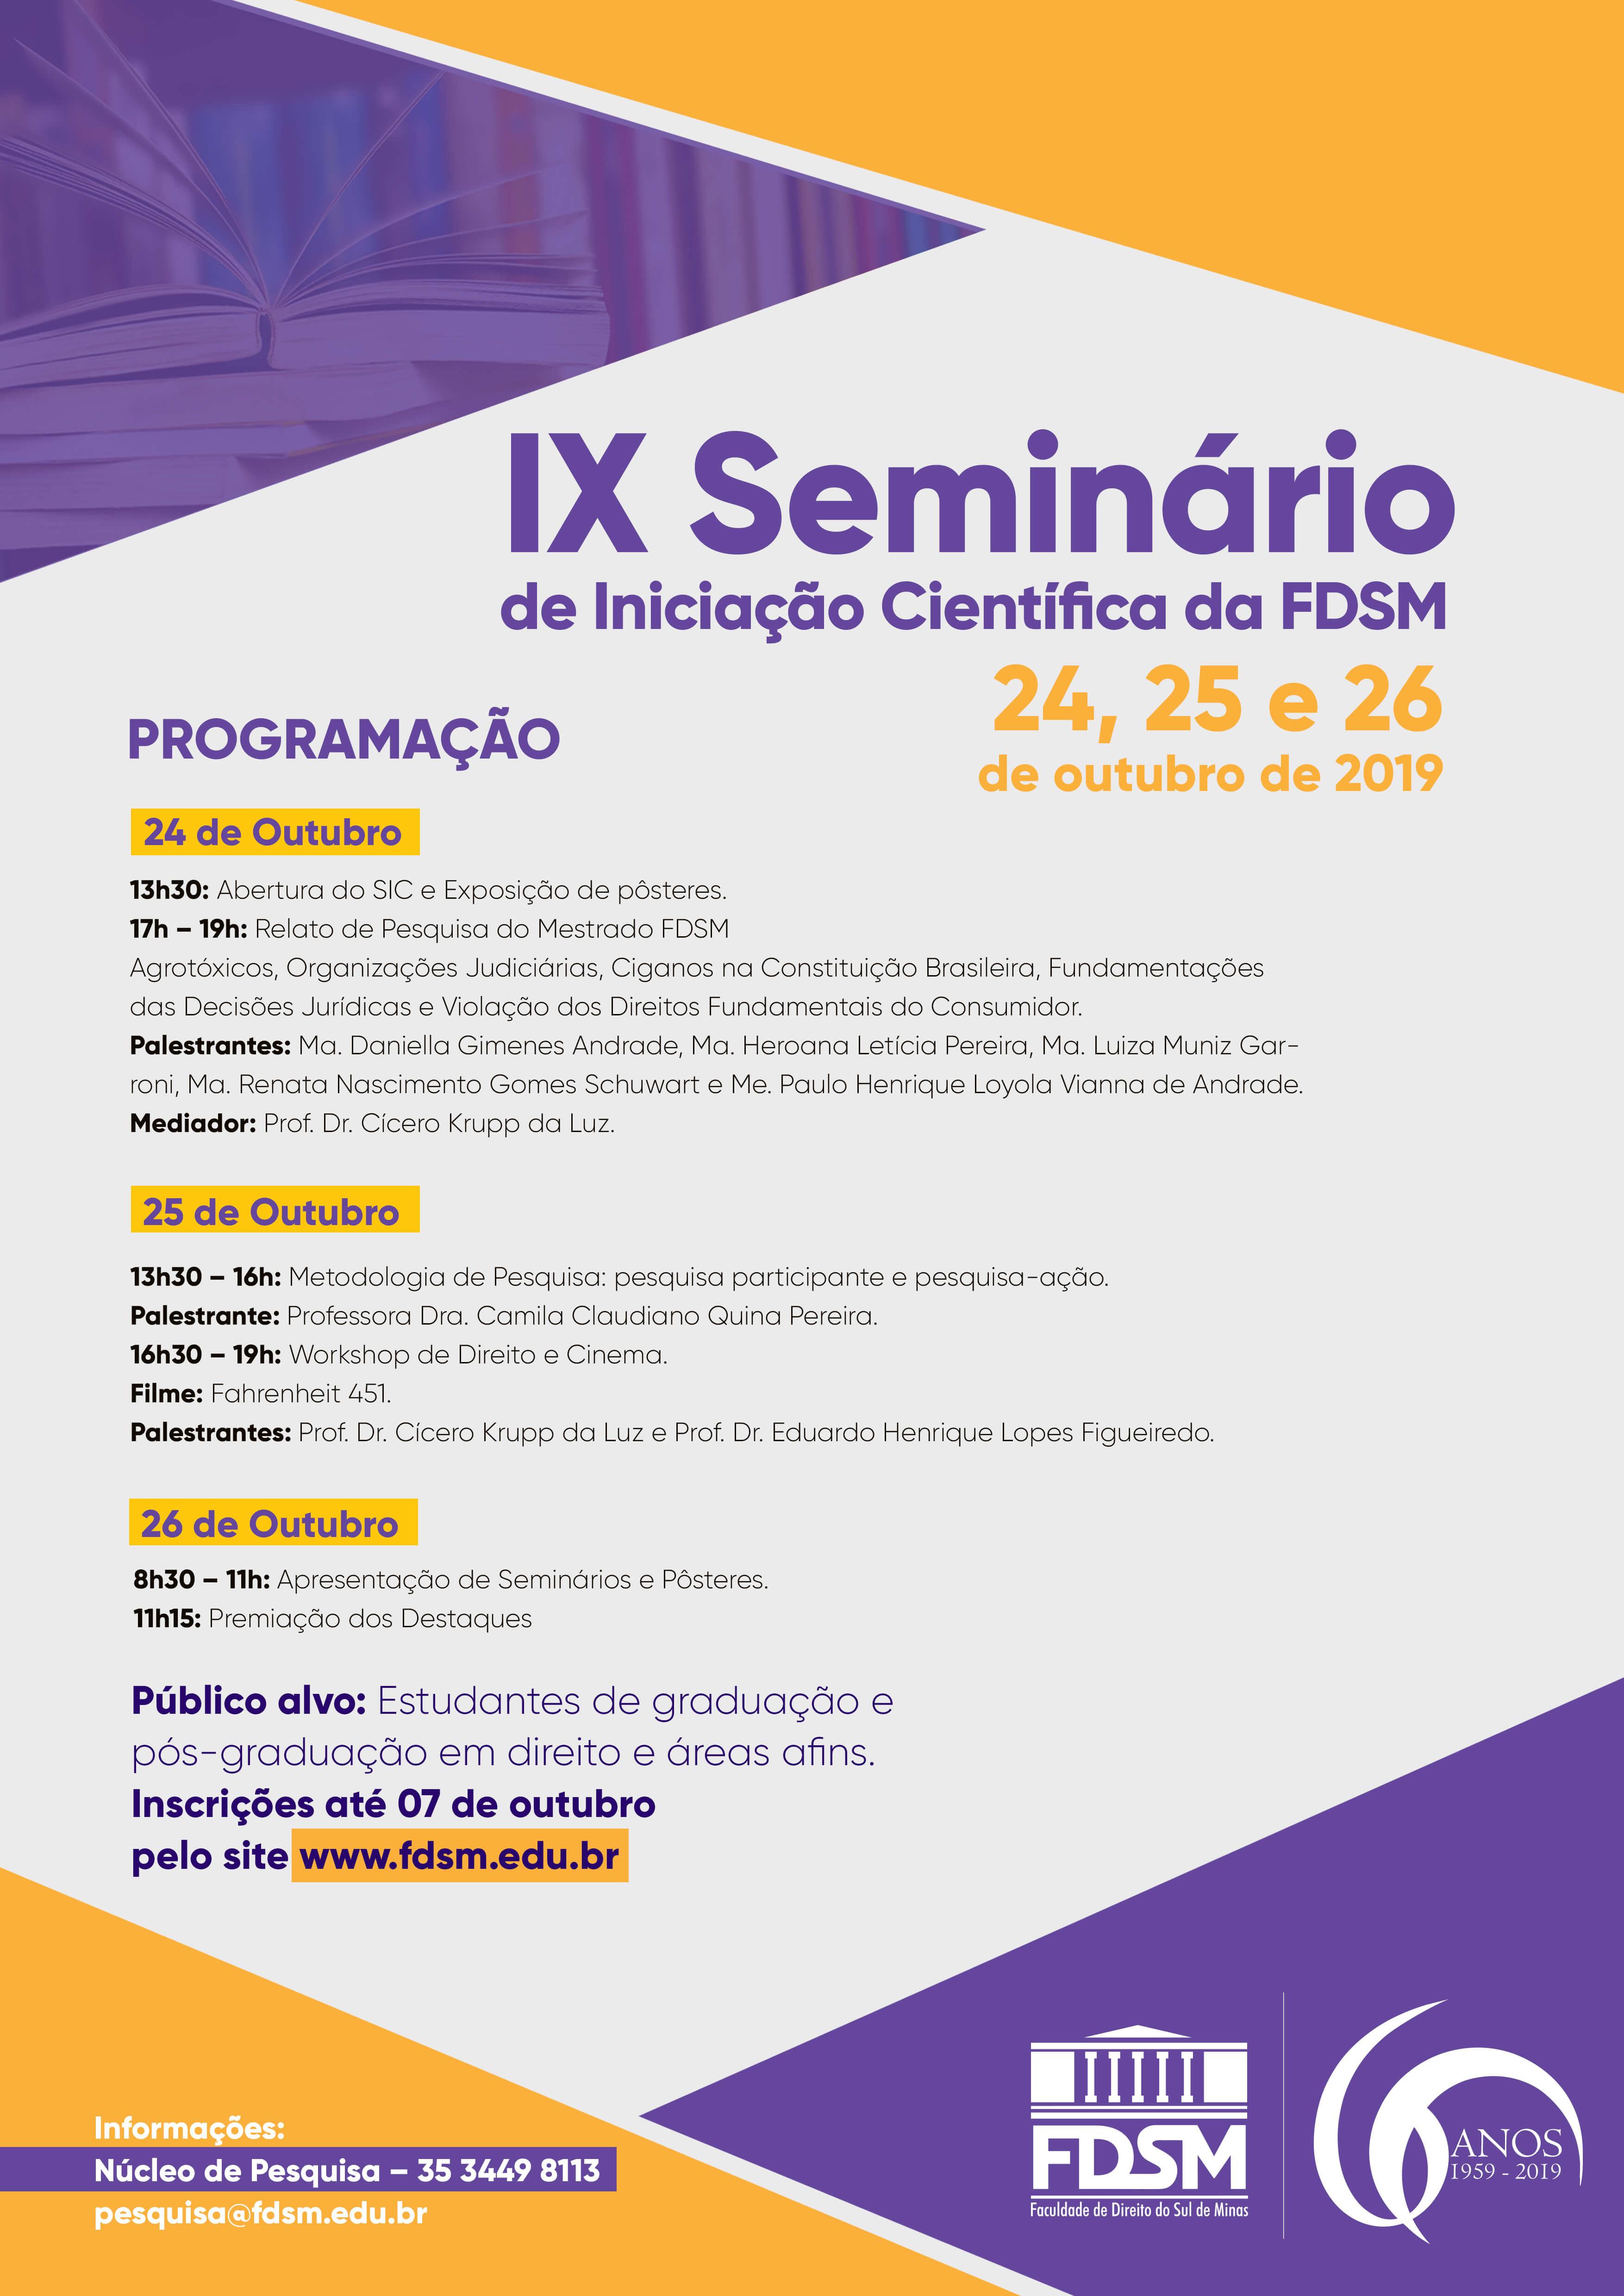 Dia 25/10 - IX Seminário de Iniciação Científica da FDSM